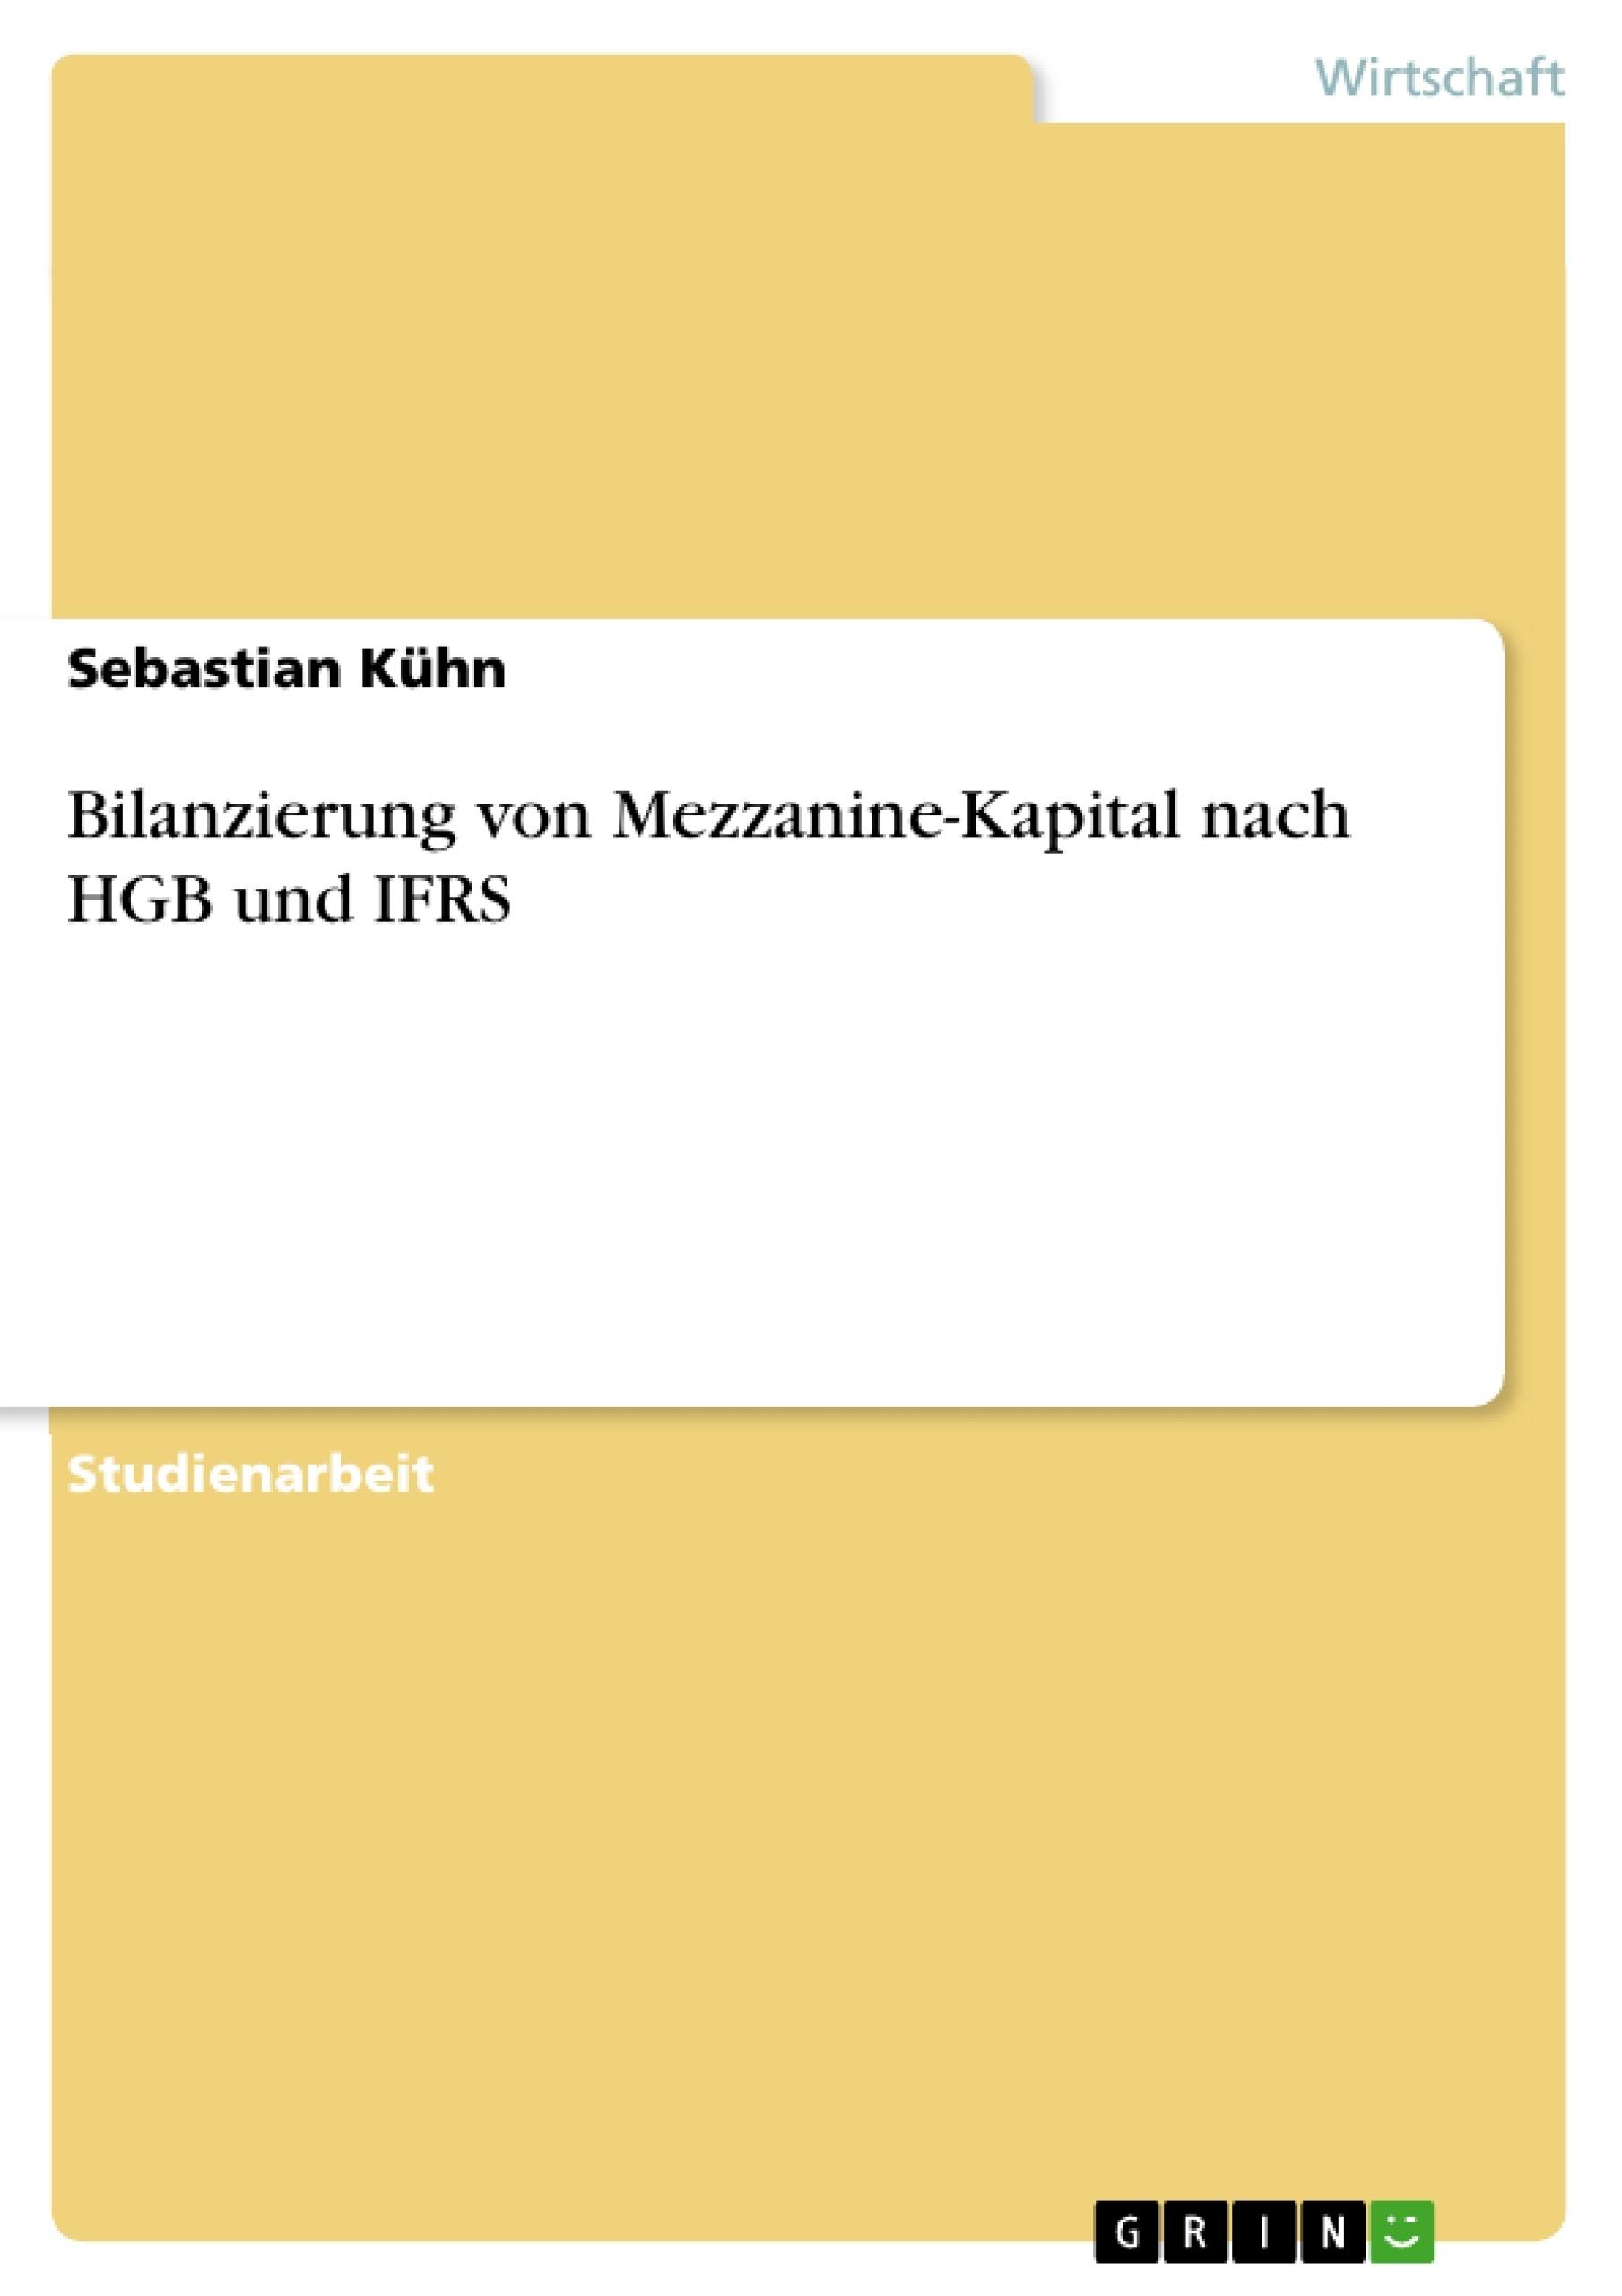 Titel: Bilanzierung von Mezzanine-Kapital nach HGB und IFRS